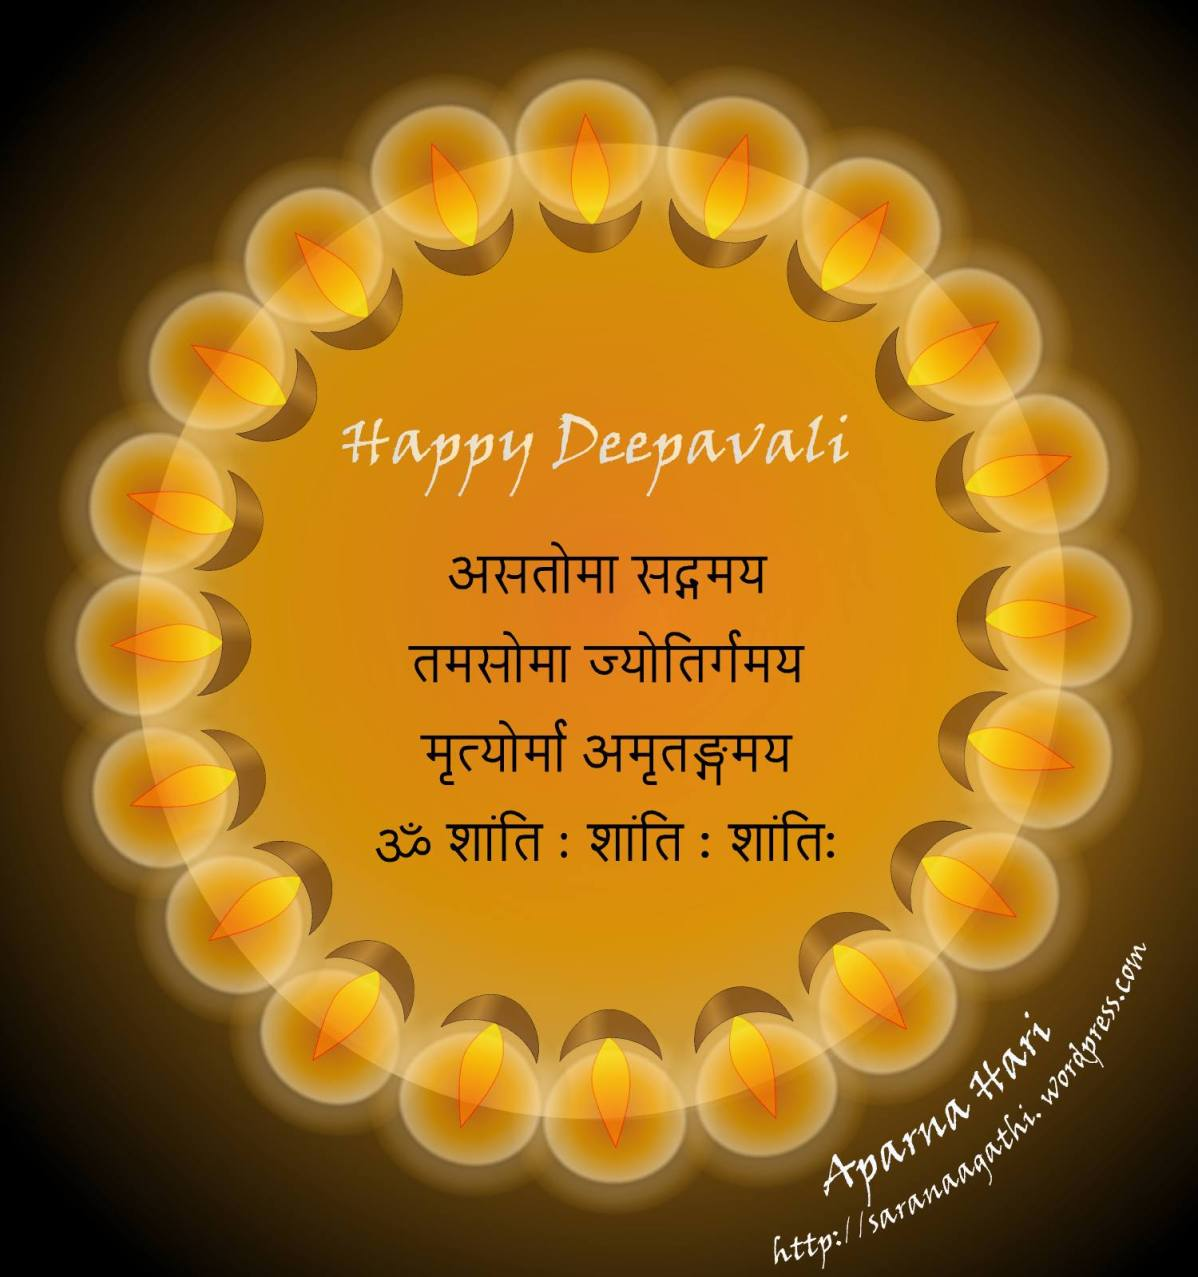 Deepavali Greetings from Saranaagathi